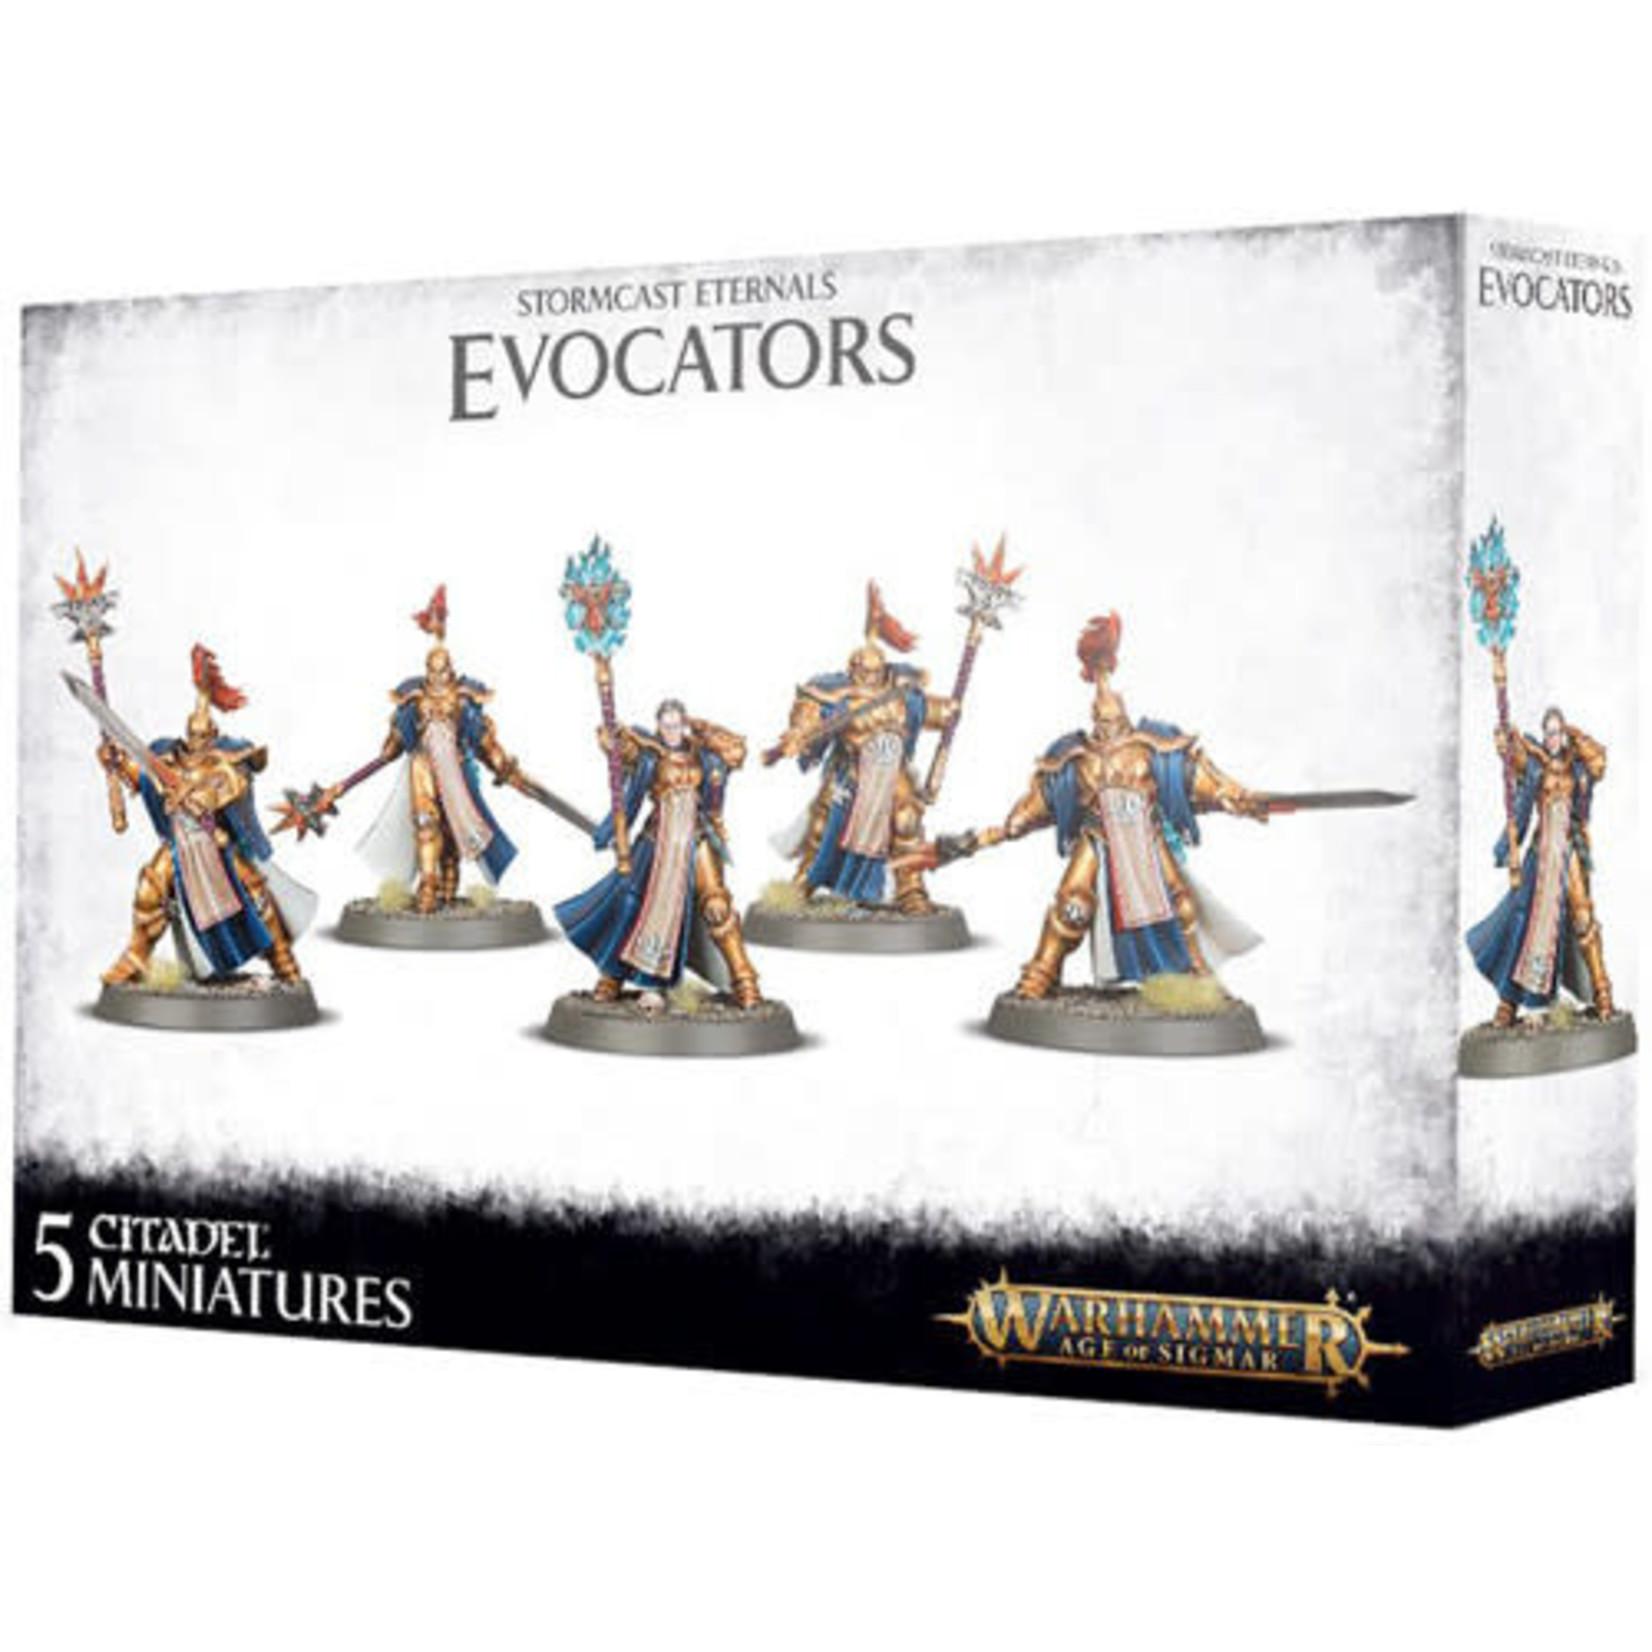 Games Workshop Warhammer Age of Sigmar: Stormcast Eternals Evocators